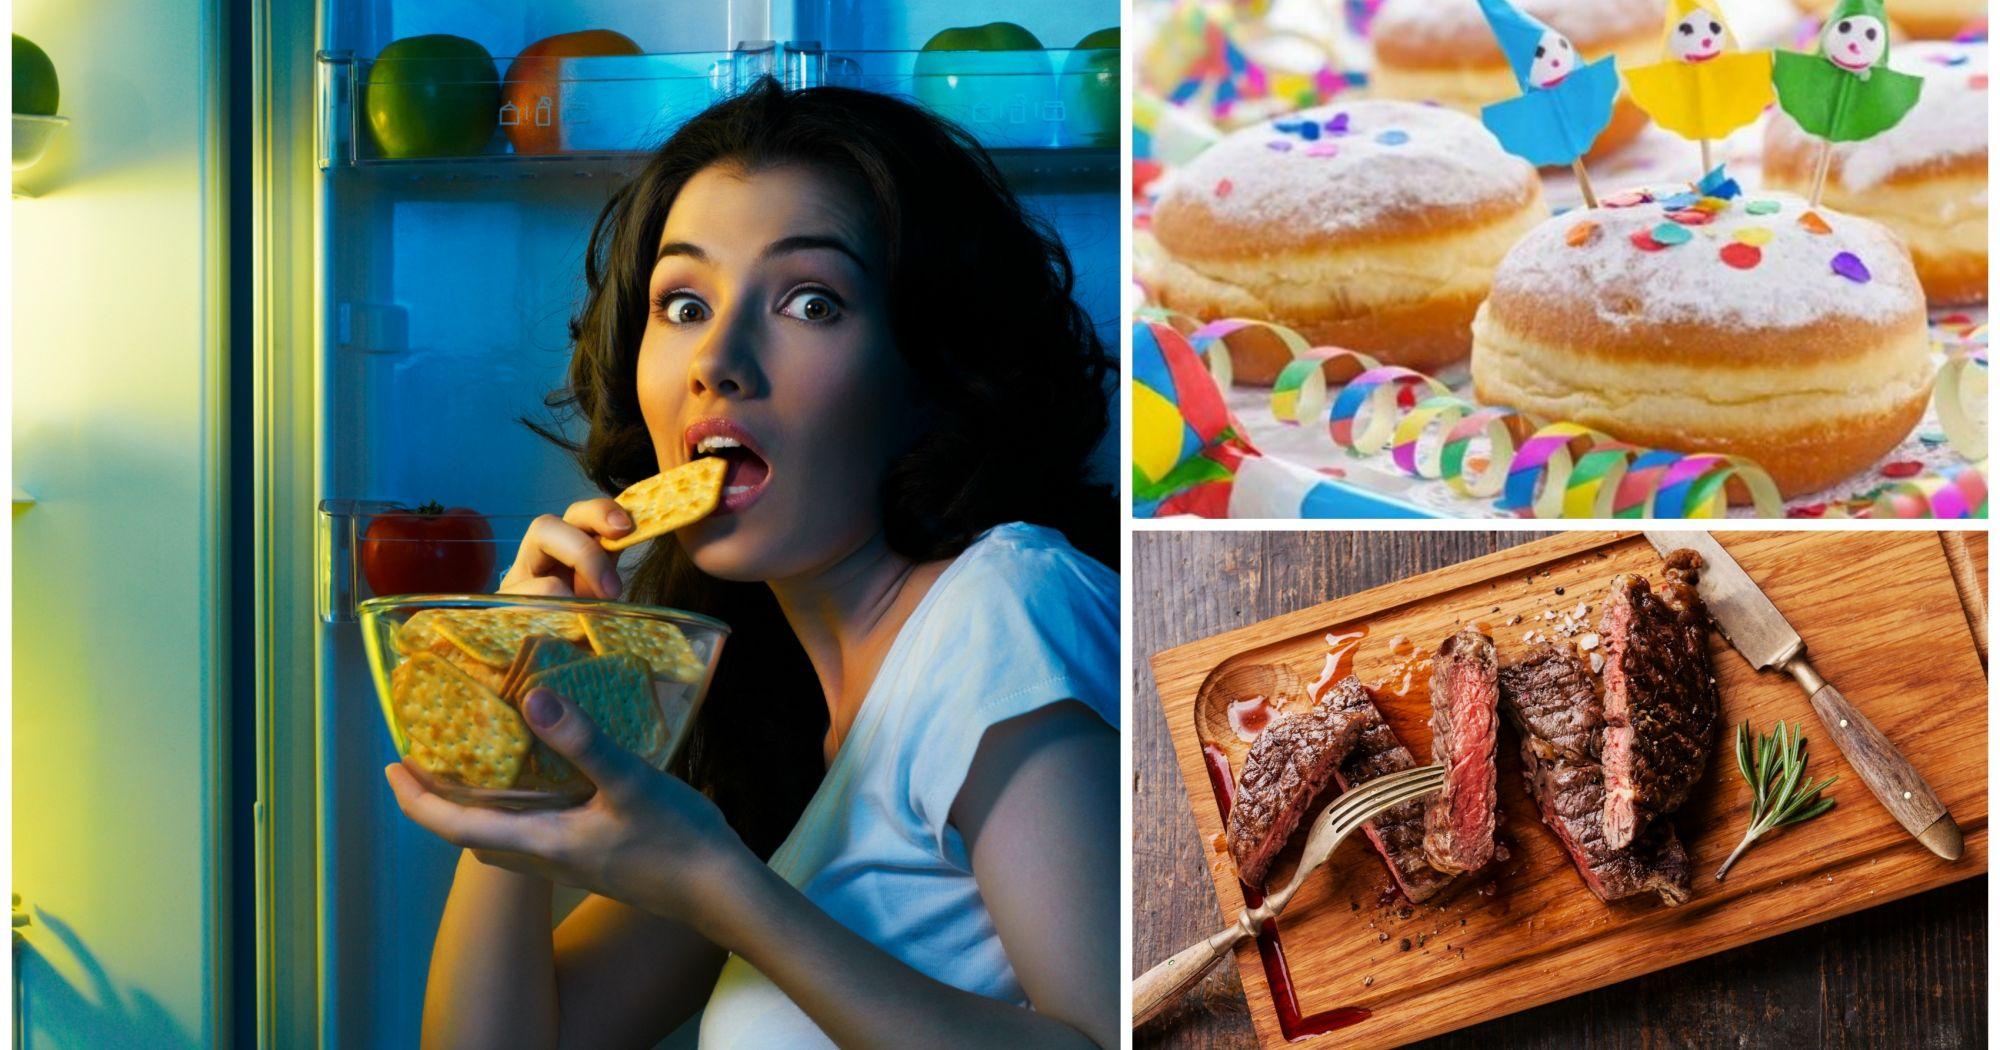 20 alimentos que no se pueden comer por la noche - Alimentos que no engordan por la noche ...